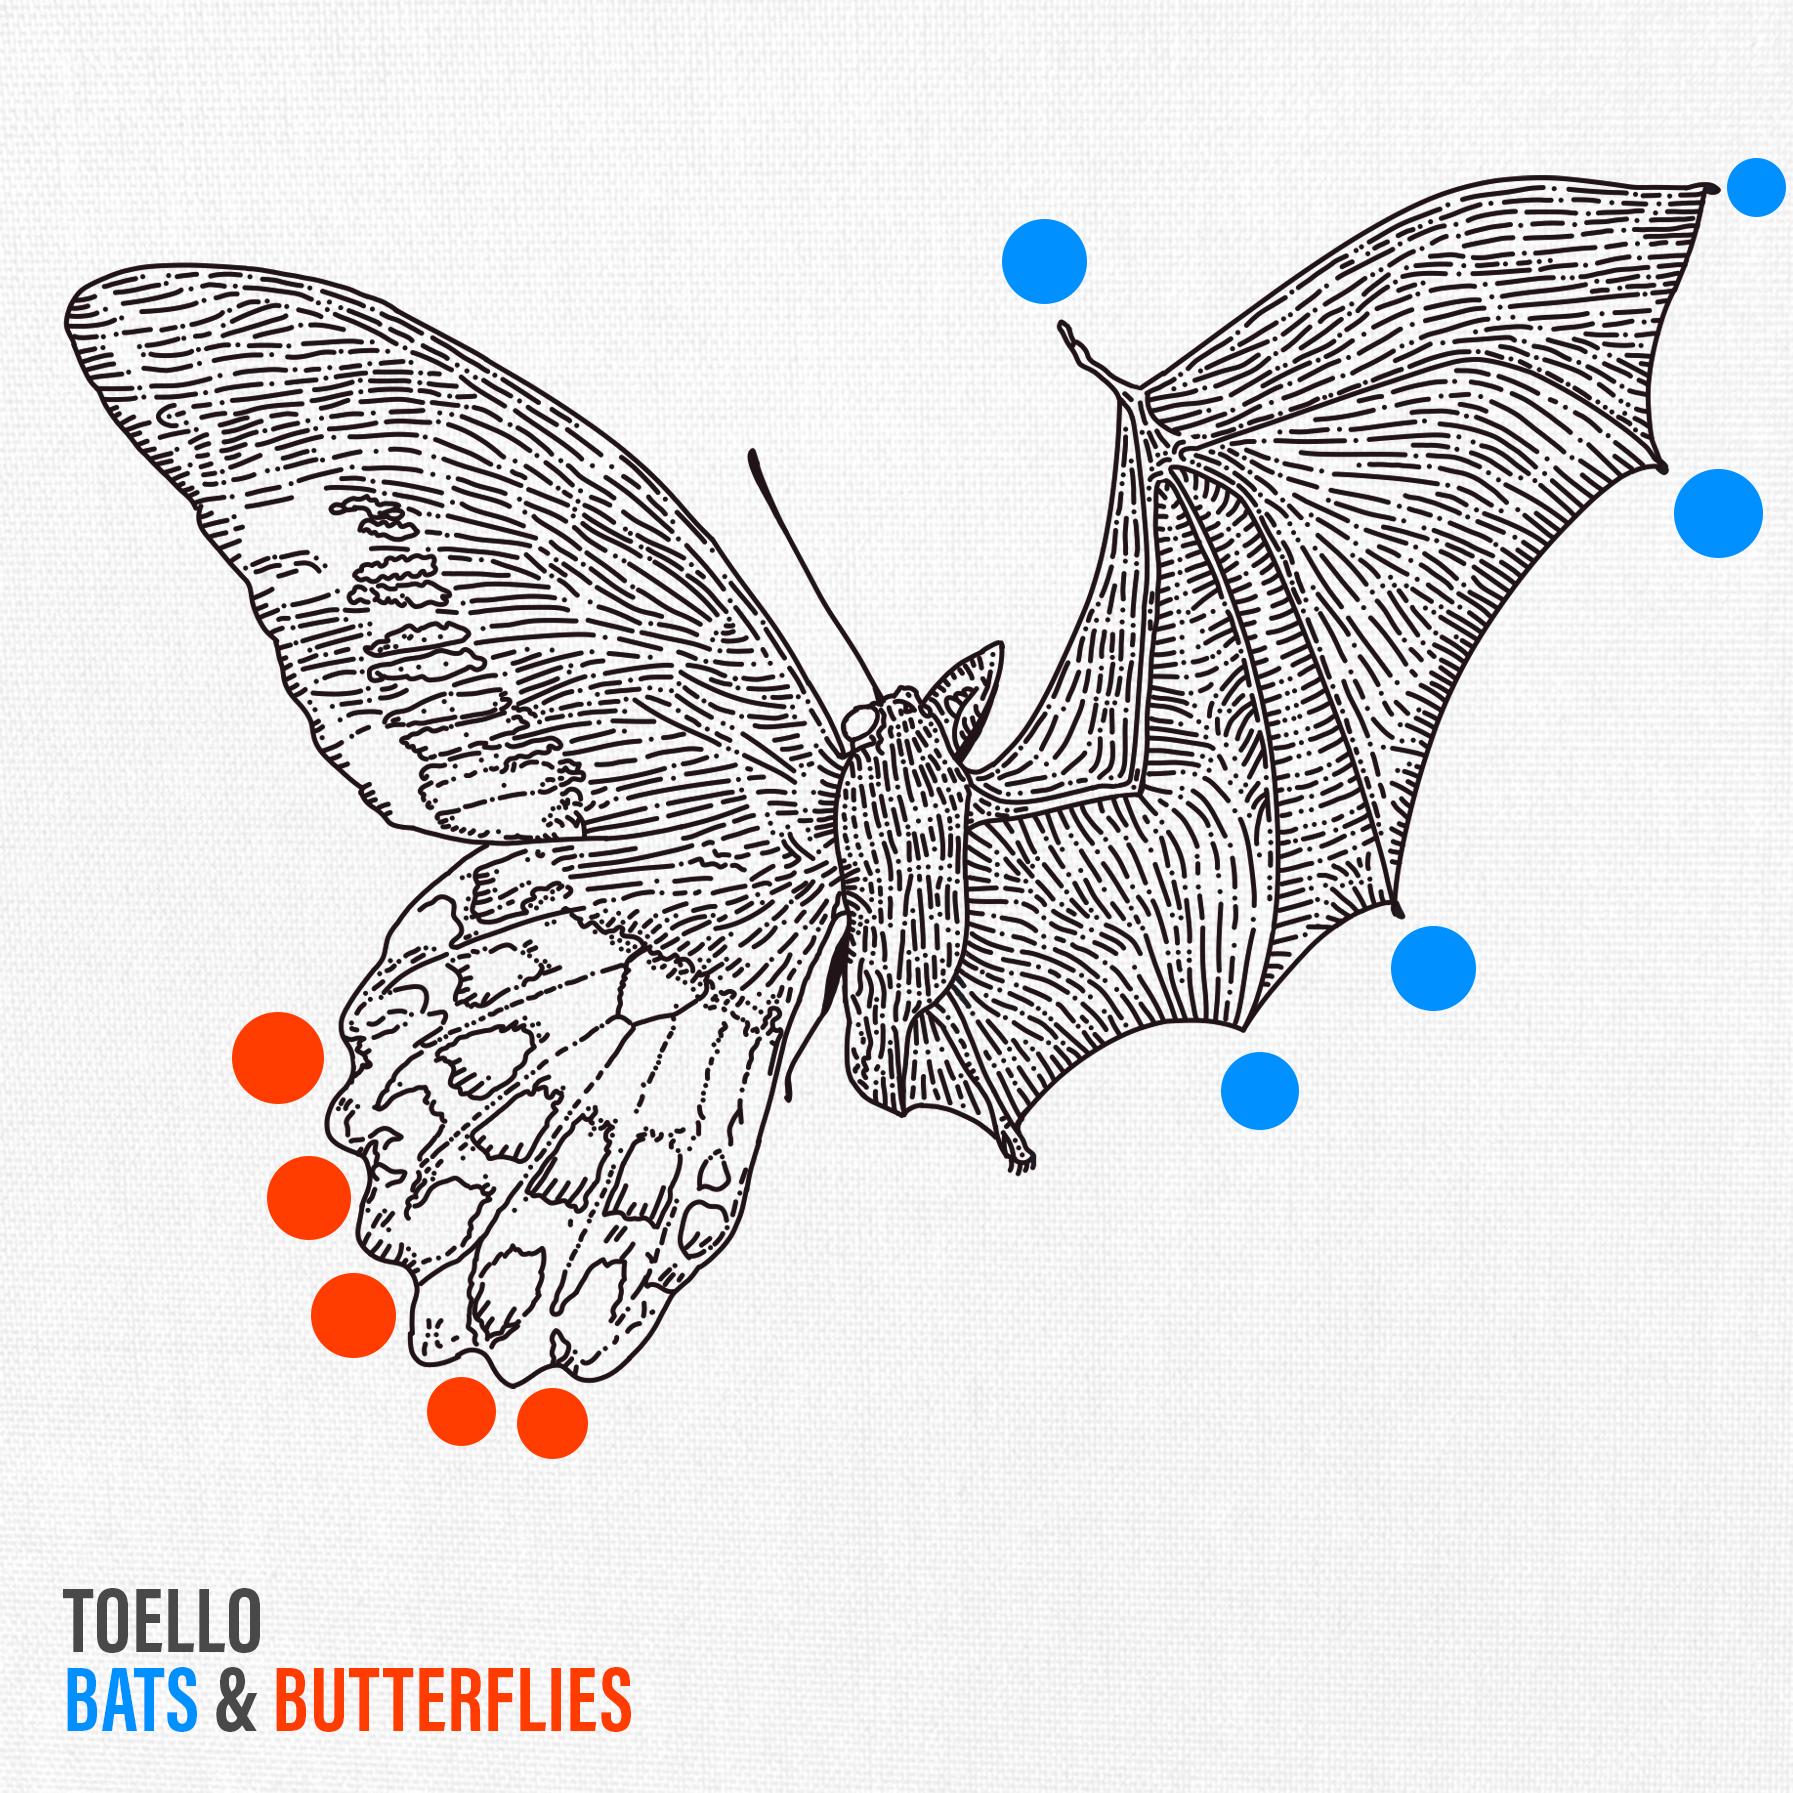 Bats & Butterflies Image